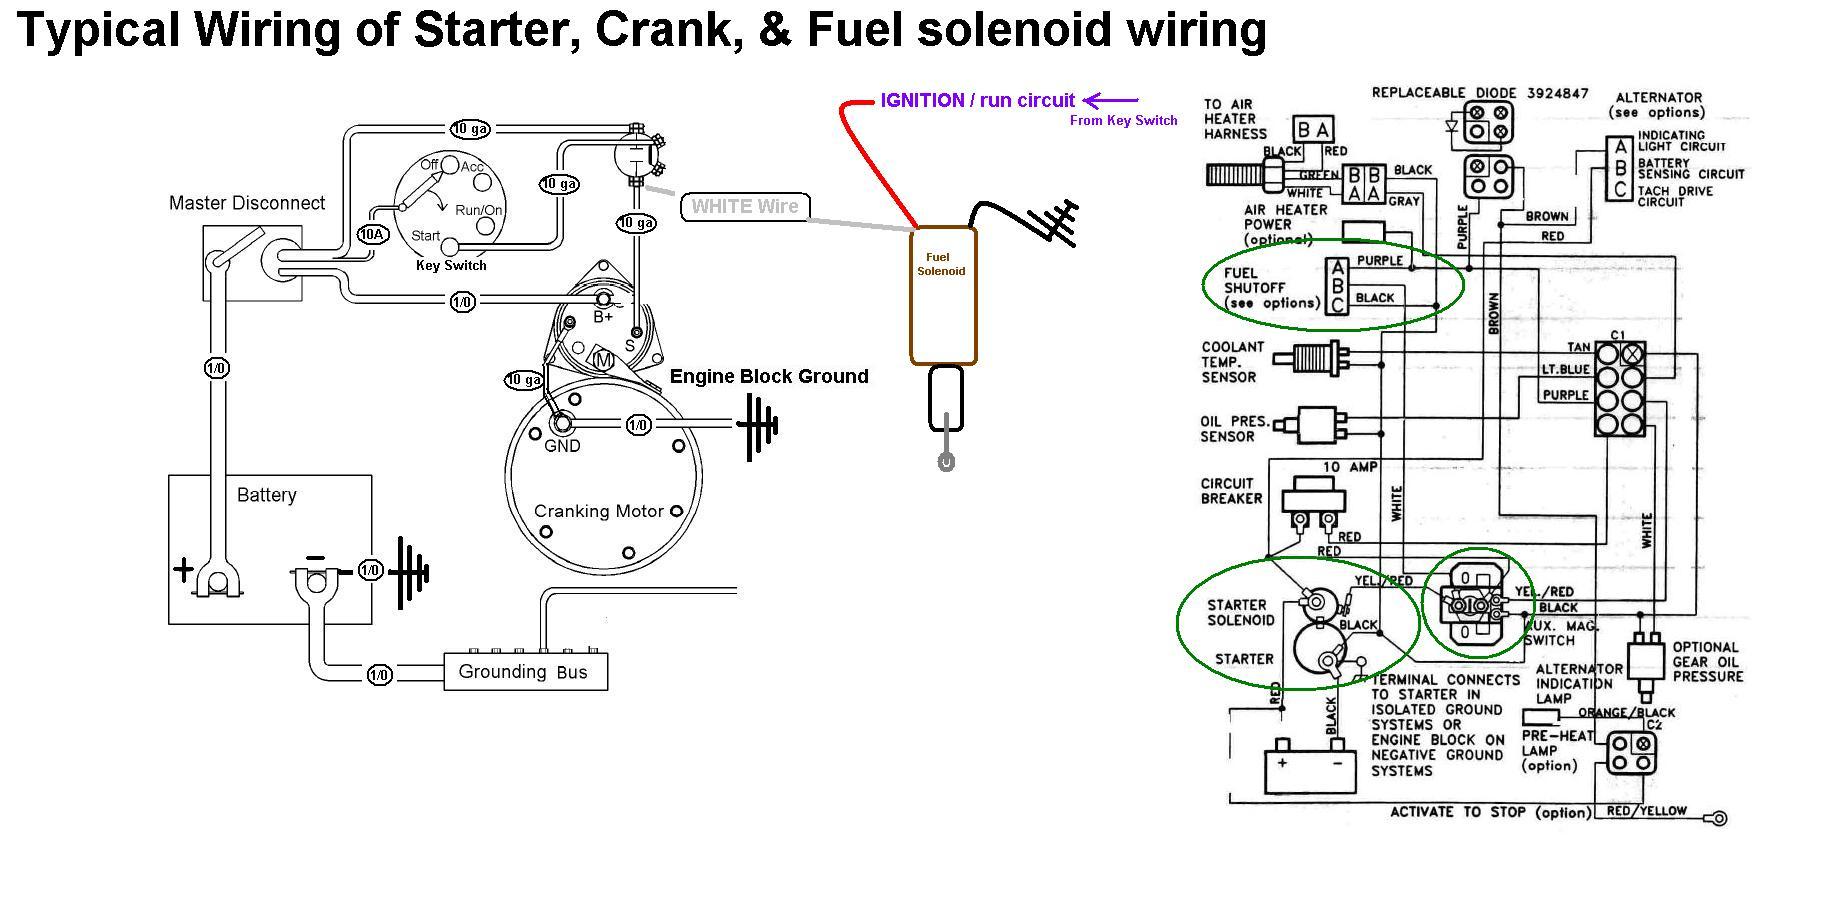 Marine Solenoid Switch Wiring Diagram